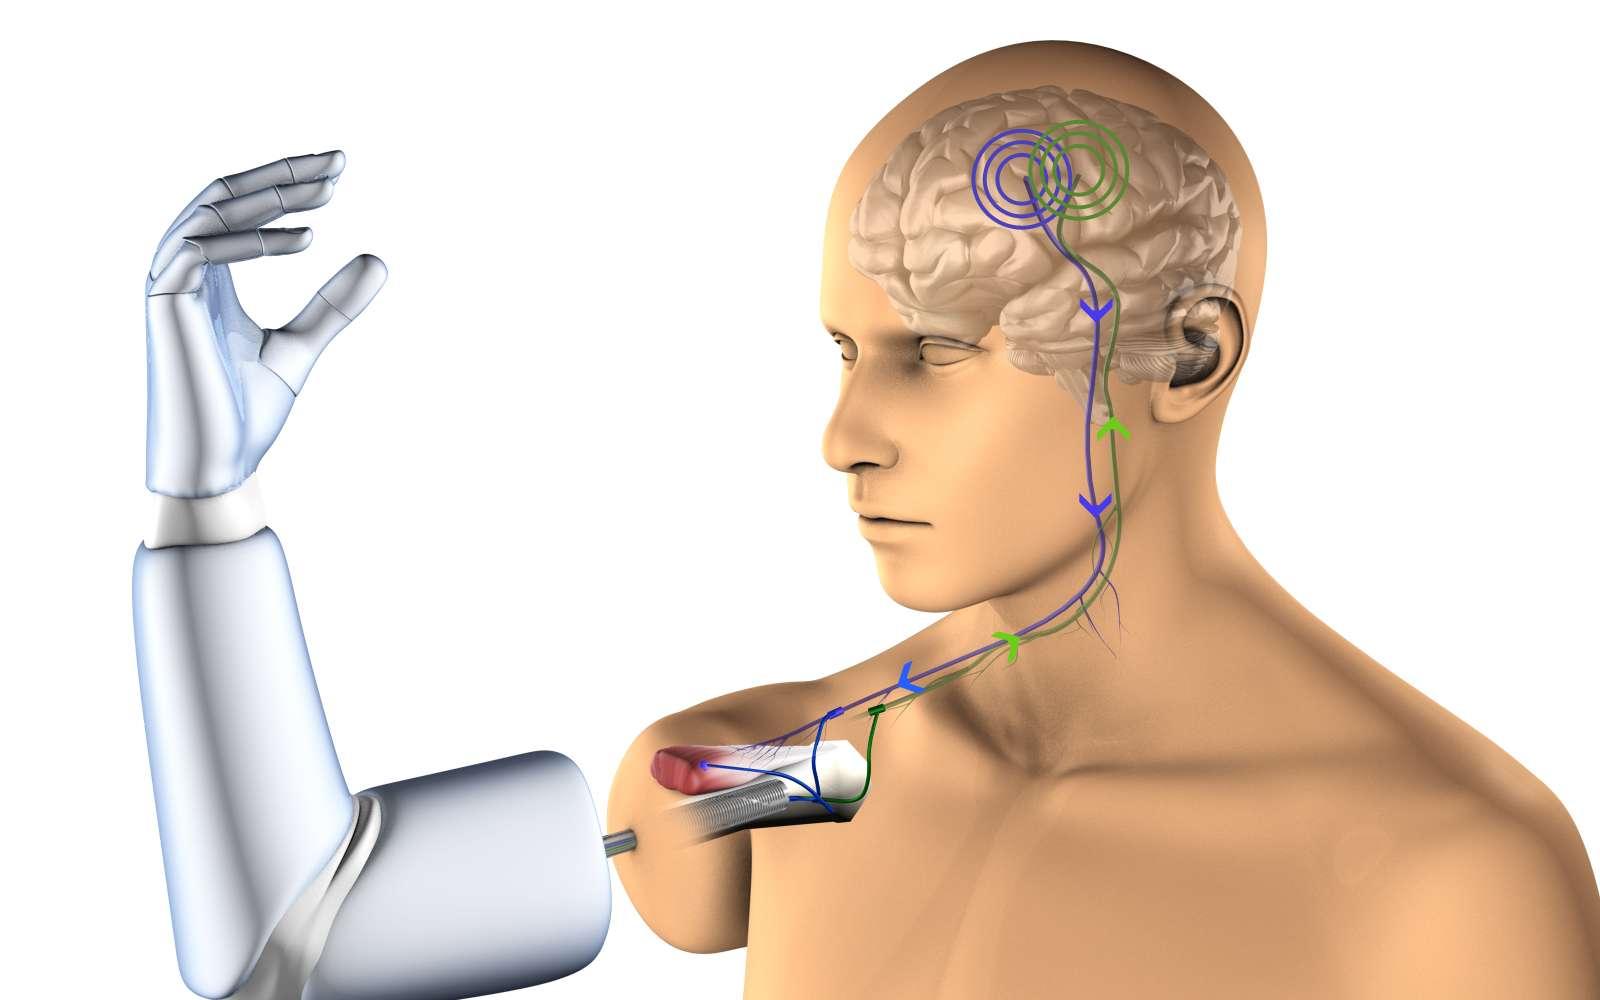 Vue schématisée de la prothèse implantée directement sur l'os du membre amputé grâce à un insert en titane. Les électrodes seront placées sur les nerfs et les muscles restants. © Integrum